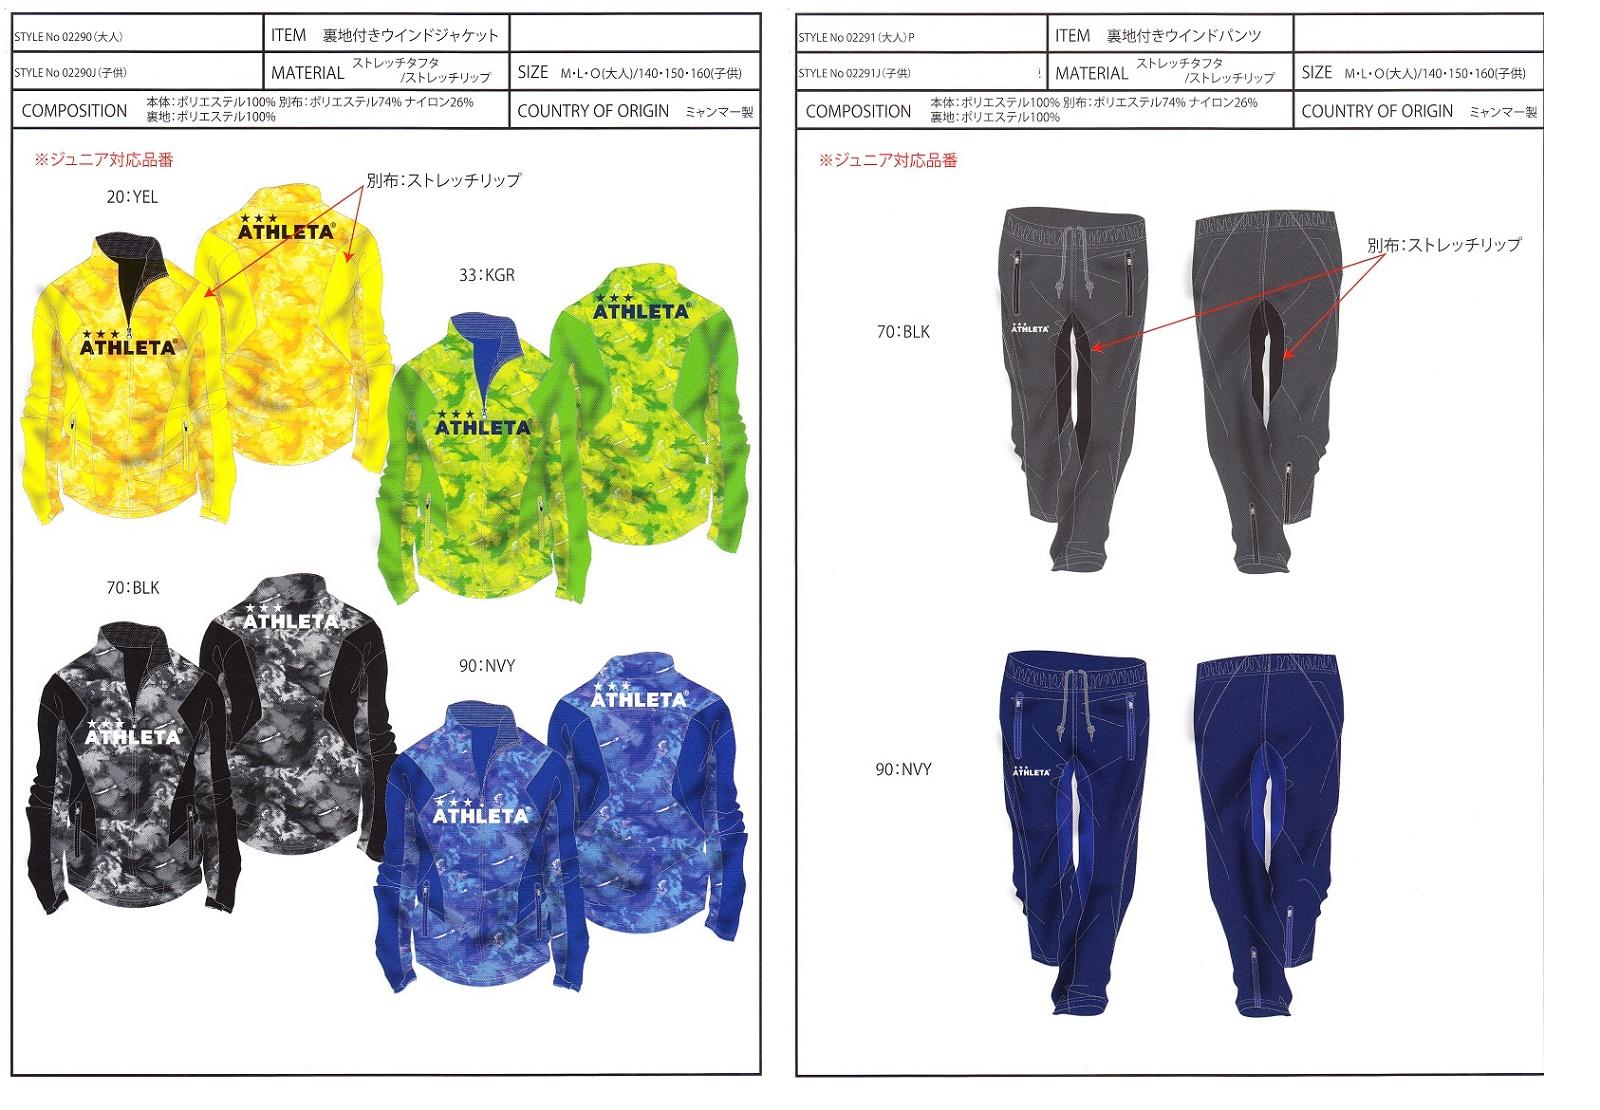 アスレタ 2017FW style-02290-02291 裏地付き ウインド ジャケット・パンツ 上下セット